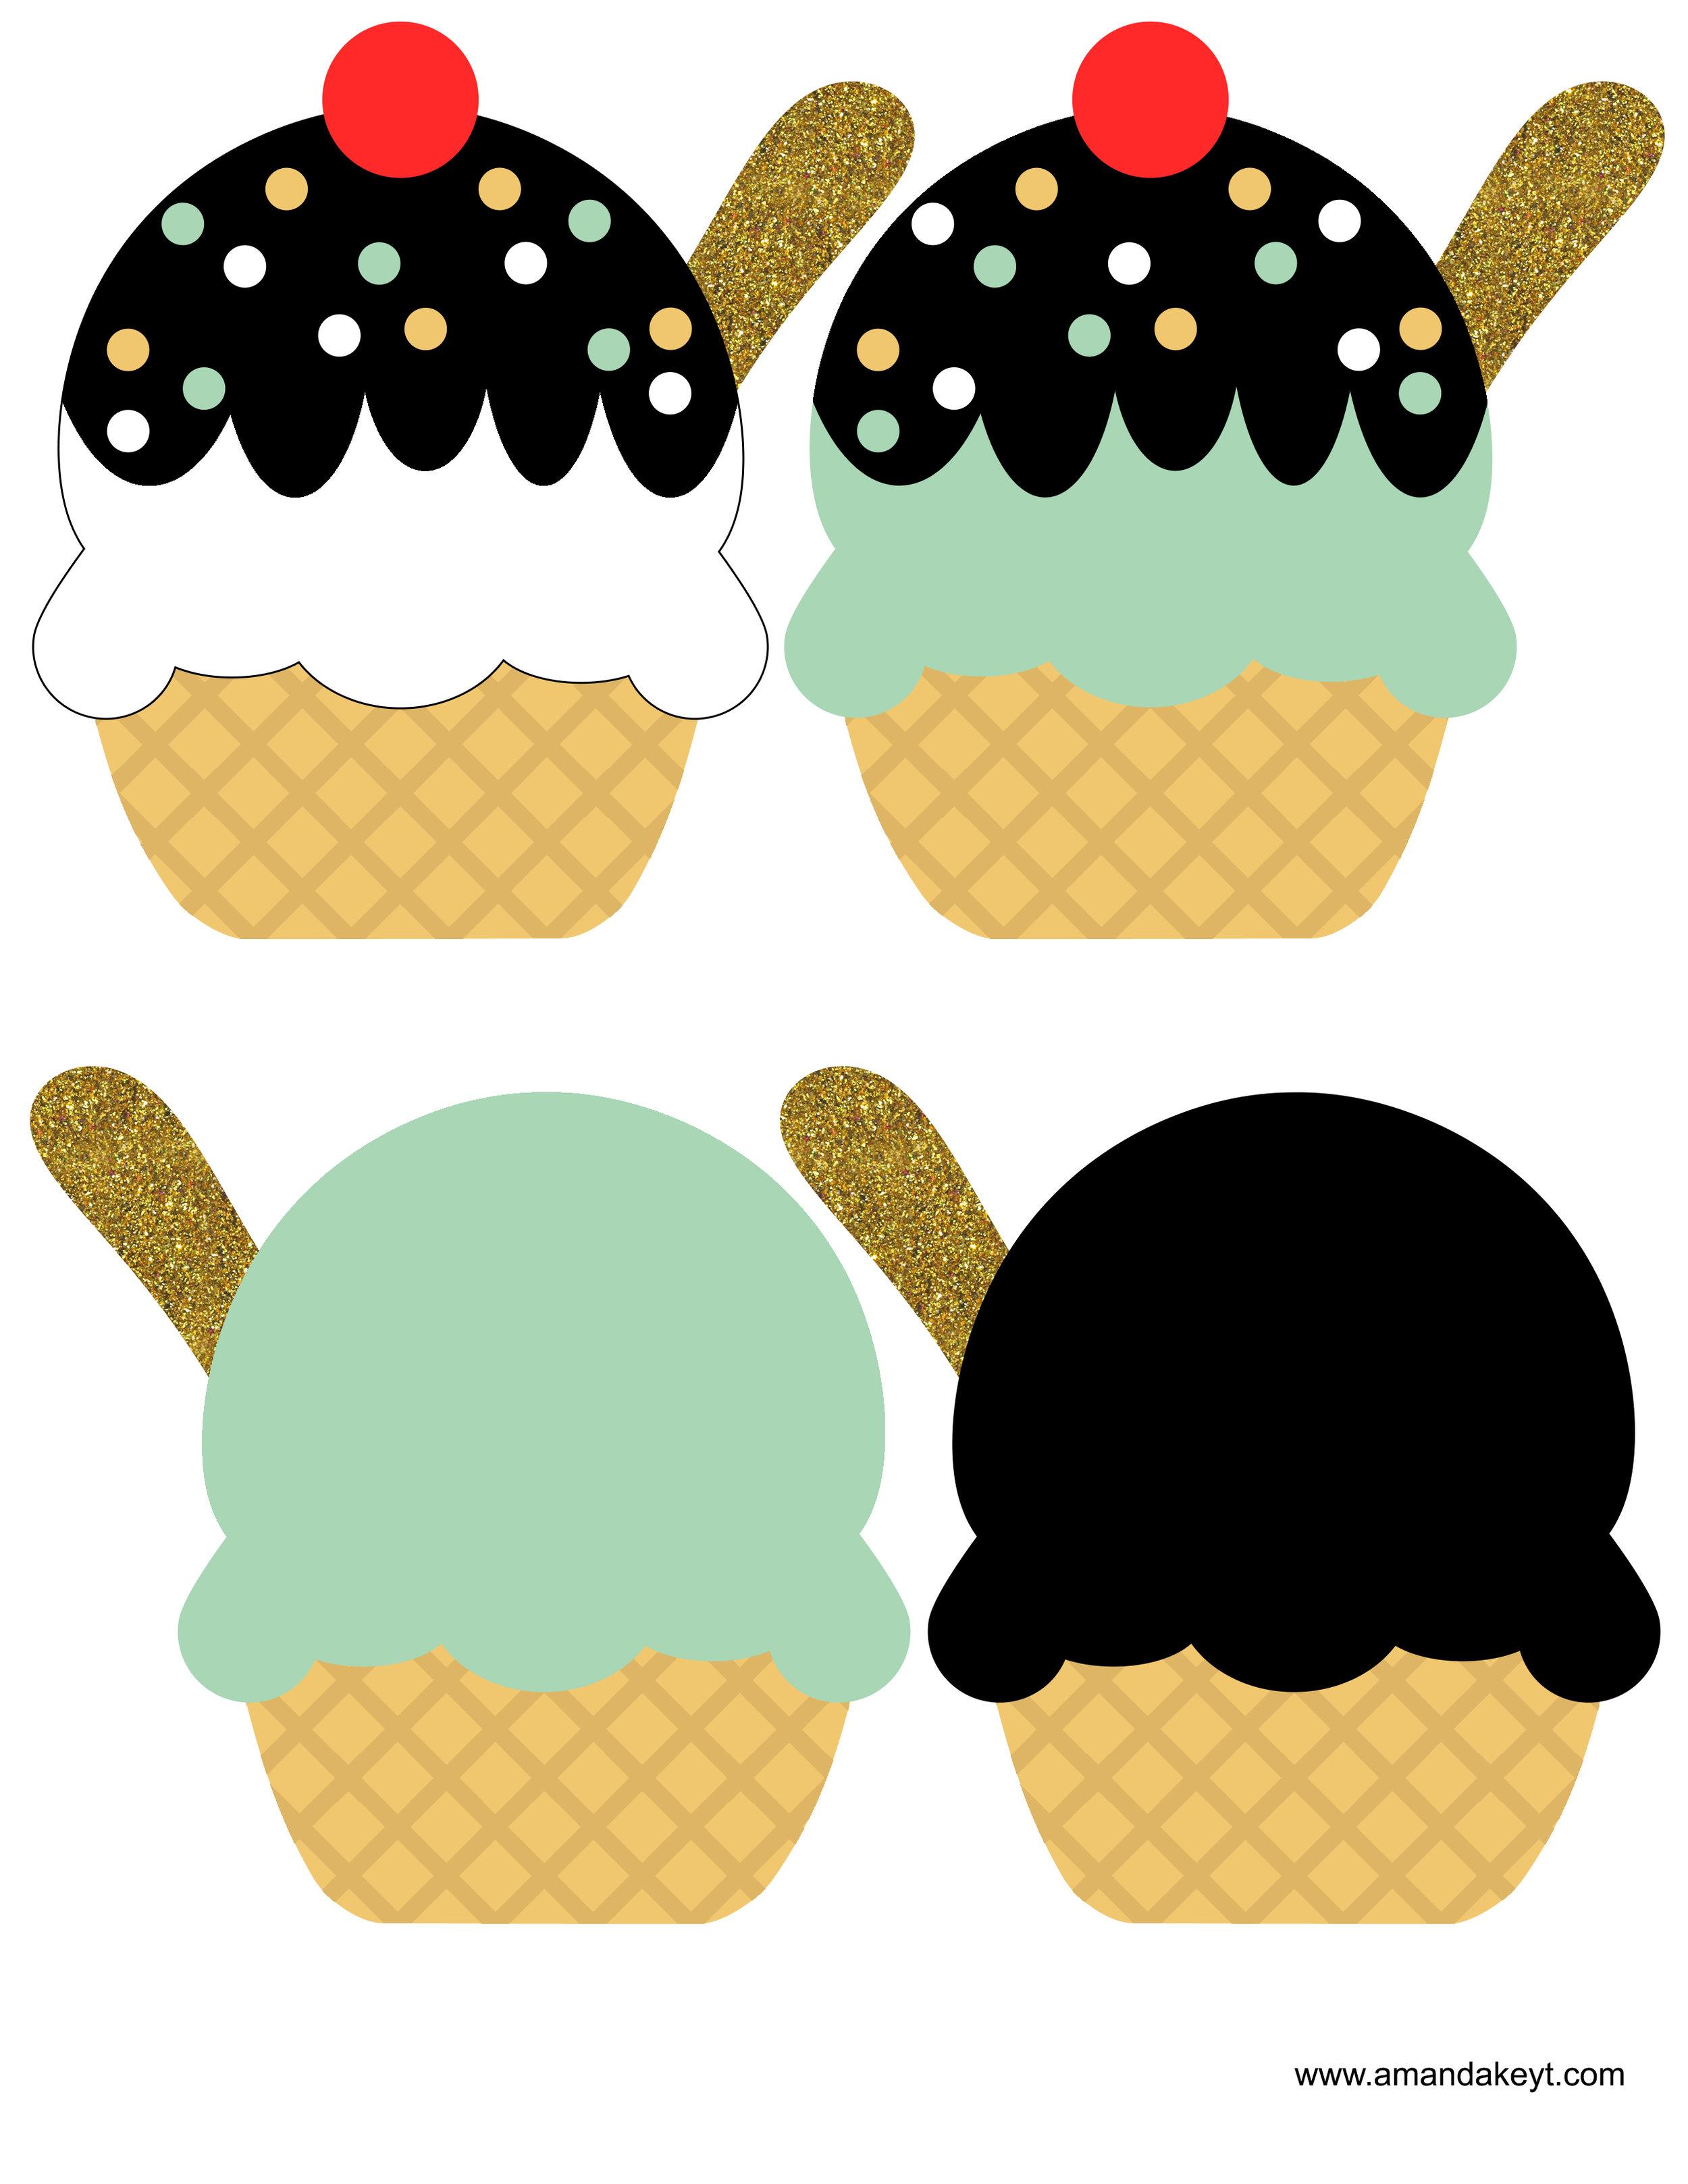 Mint Icecream Twins